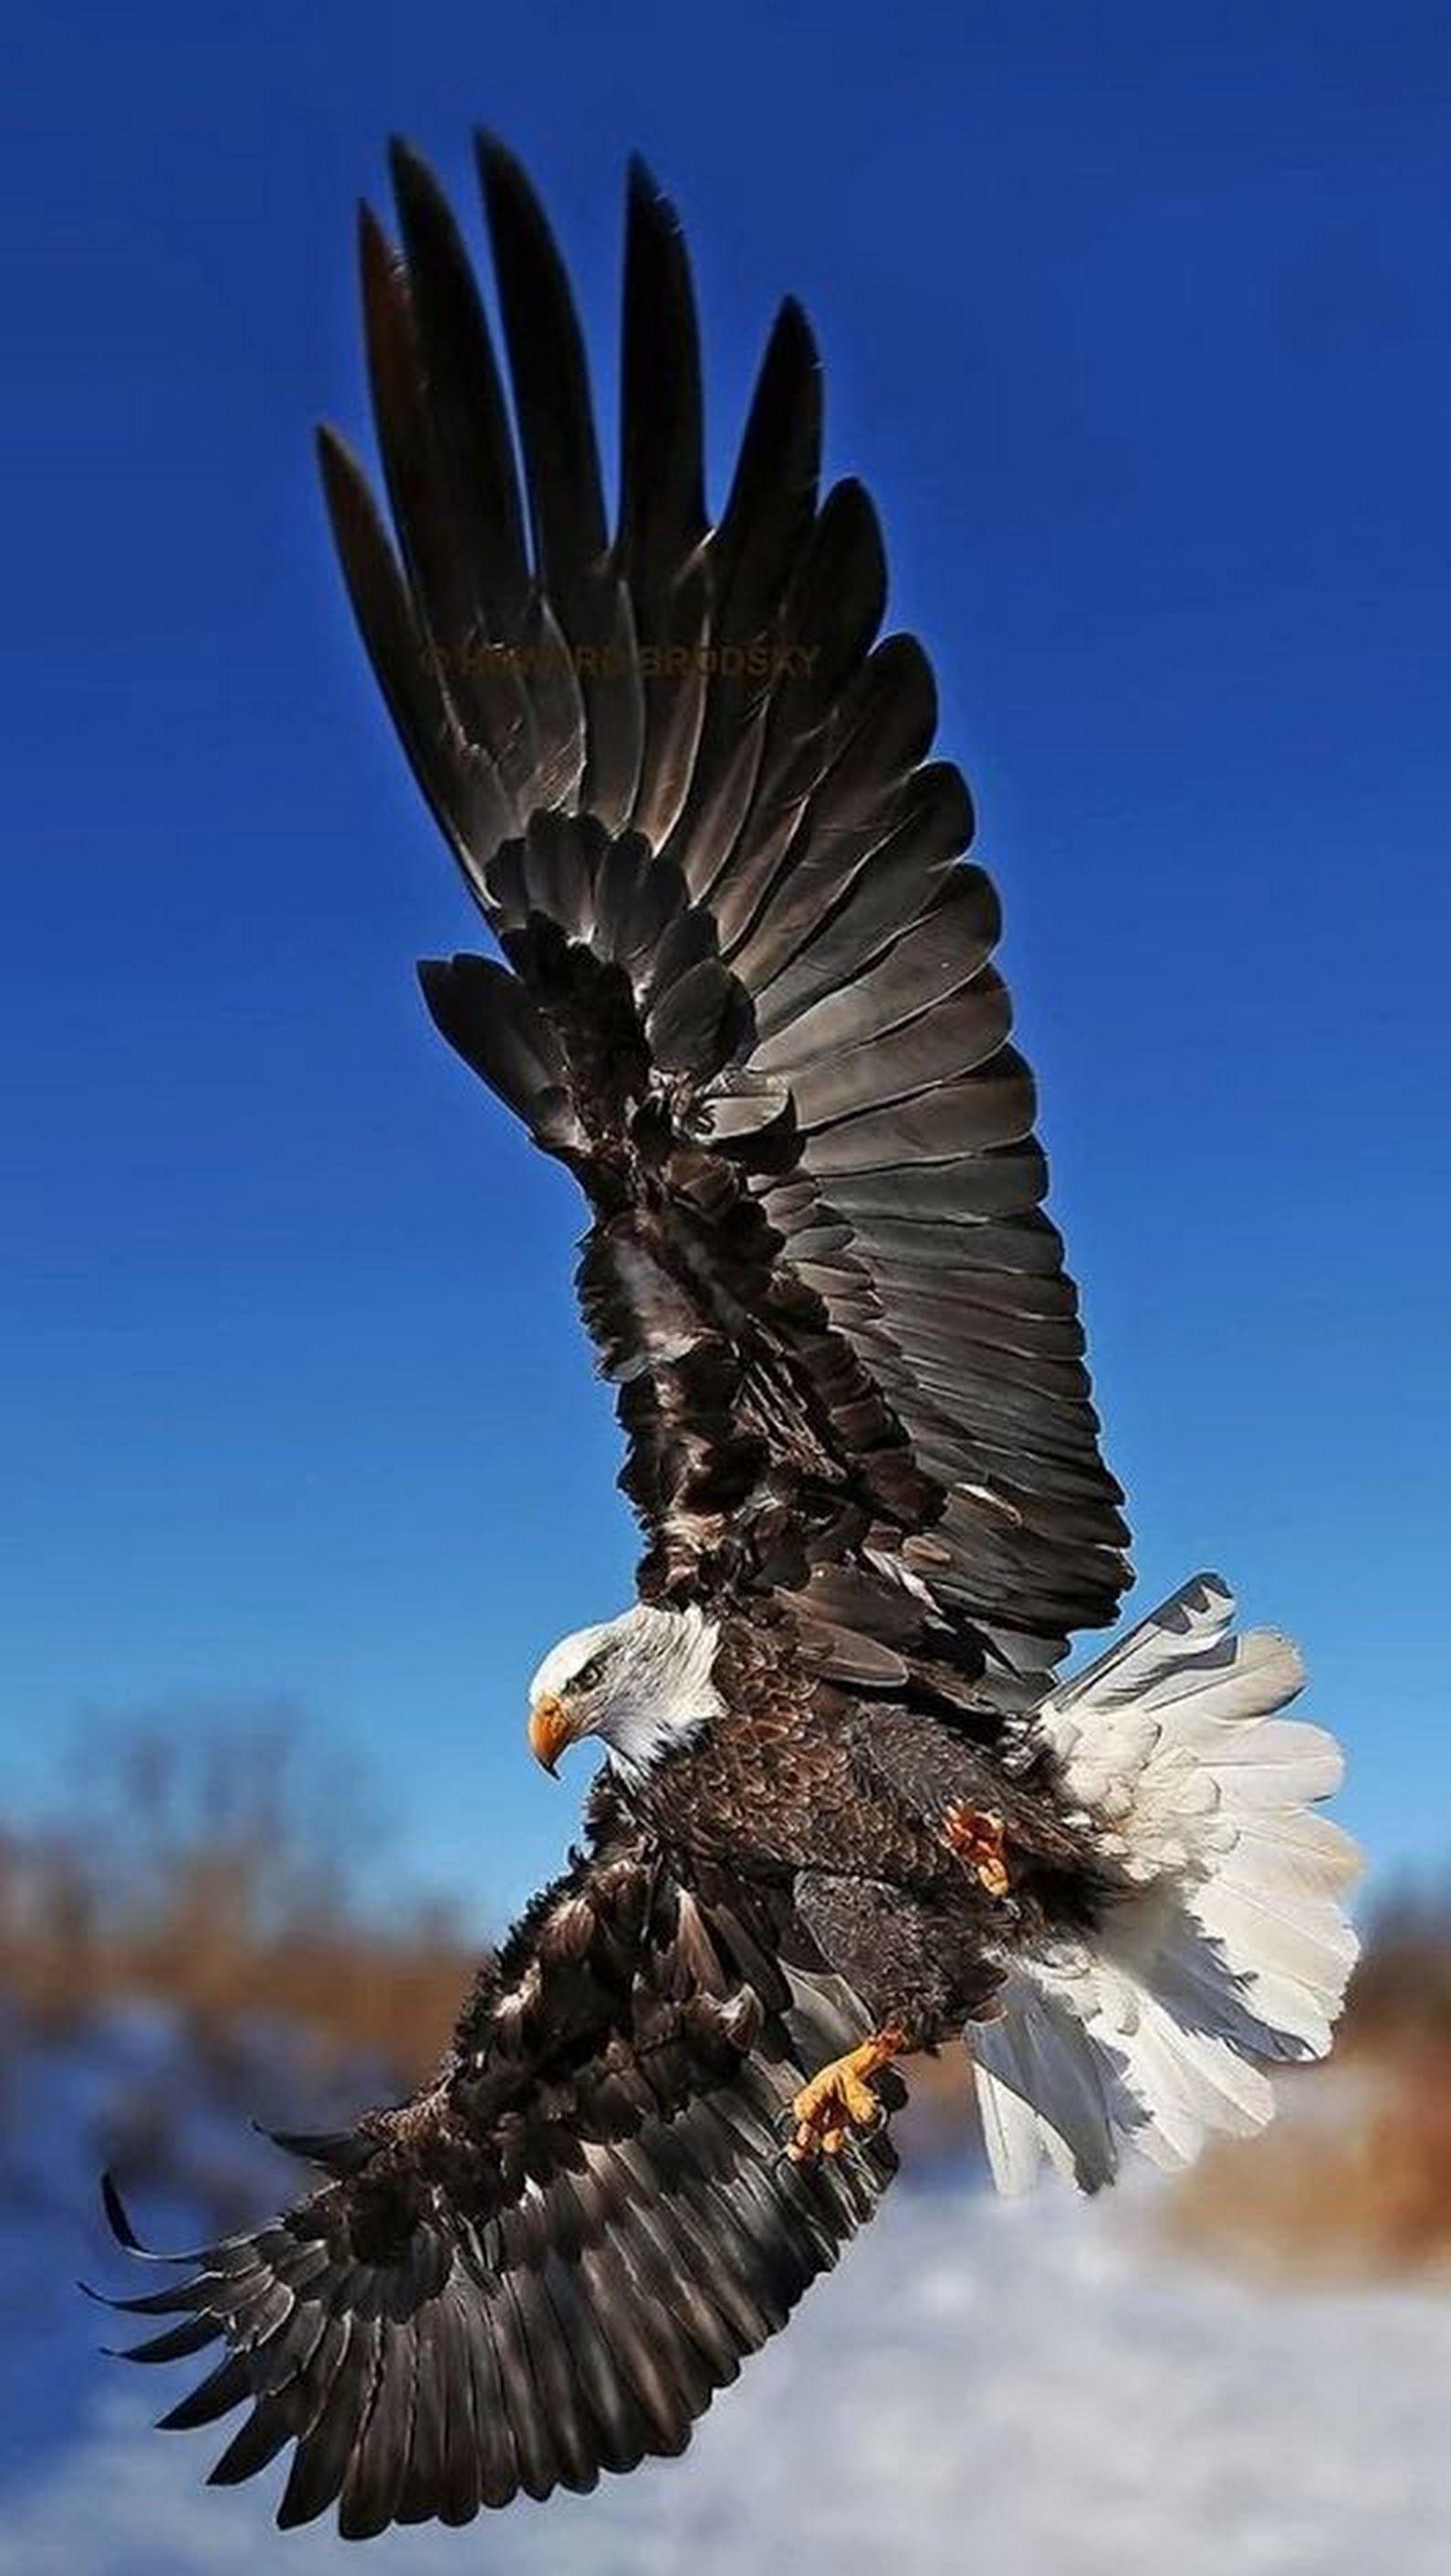 Bald Eagle Wild animal wallpaper, Bald eagle, Eagle